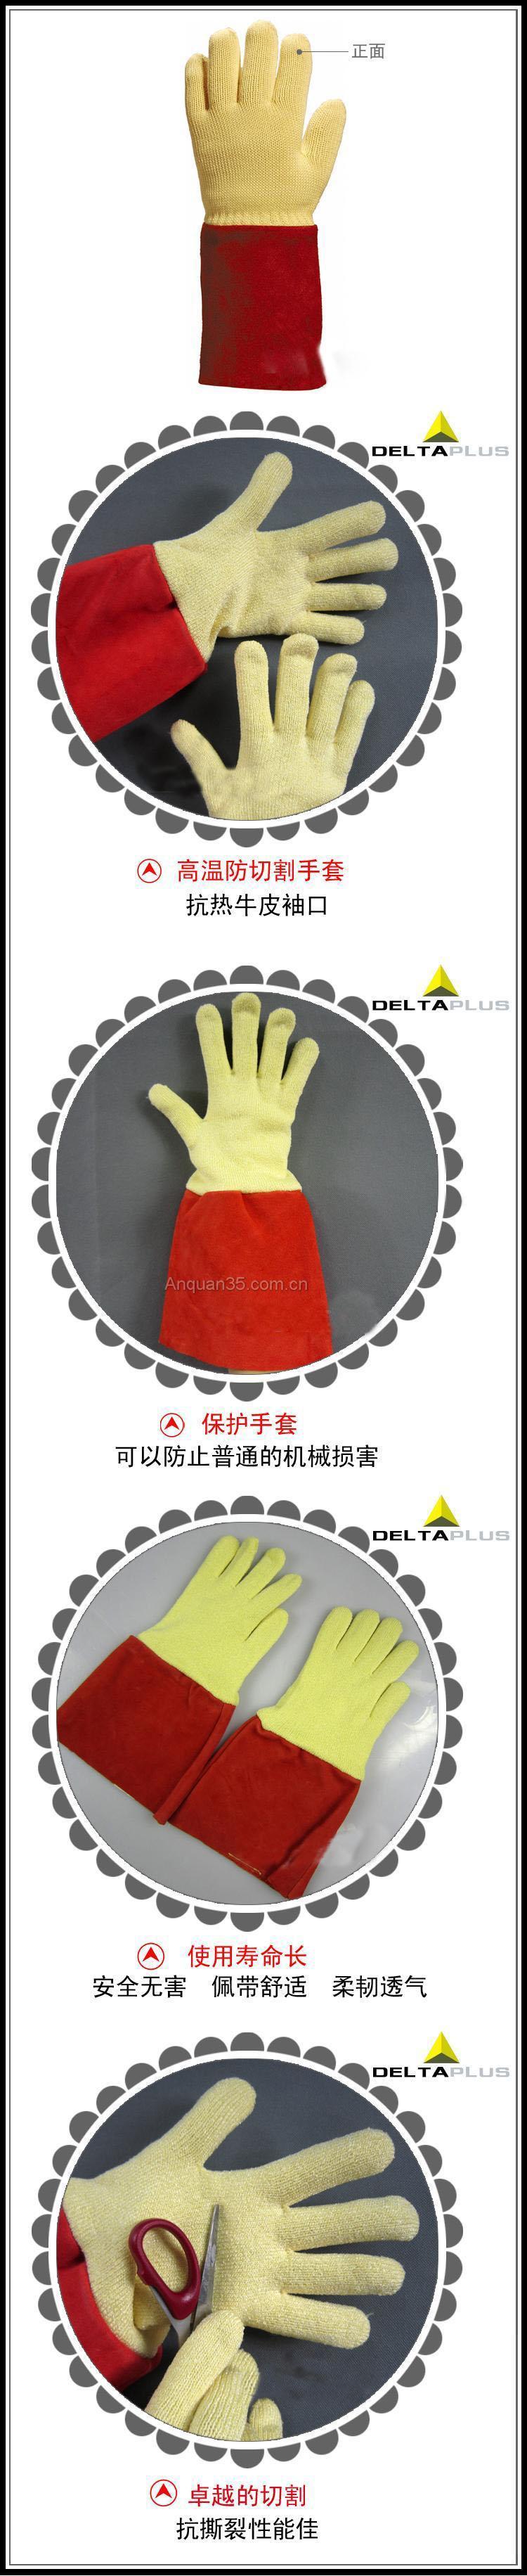 代尔塔 203008 防割手套